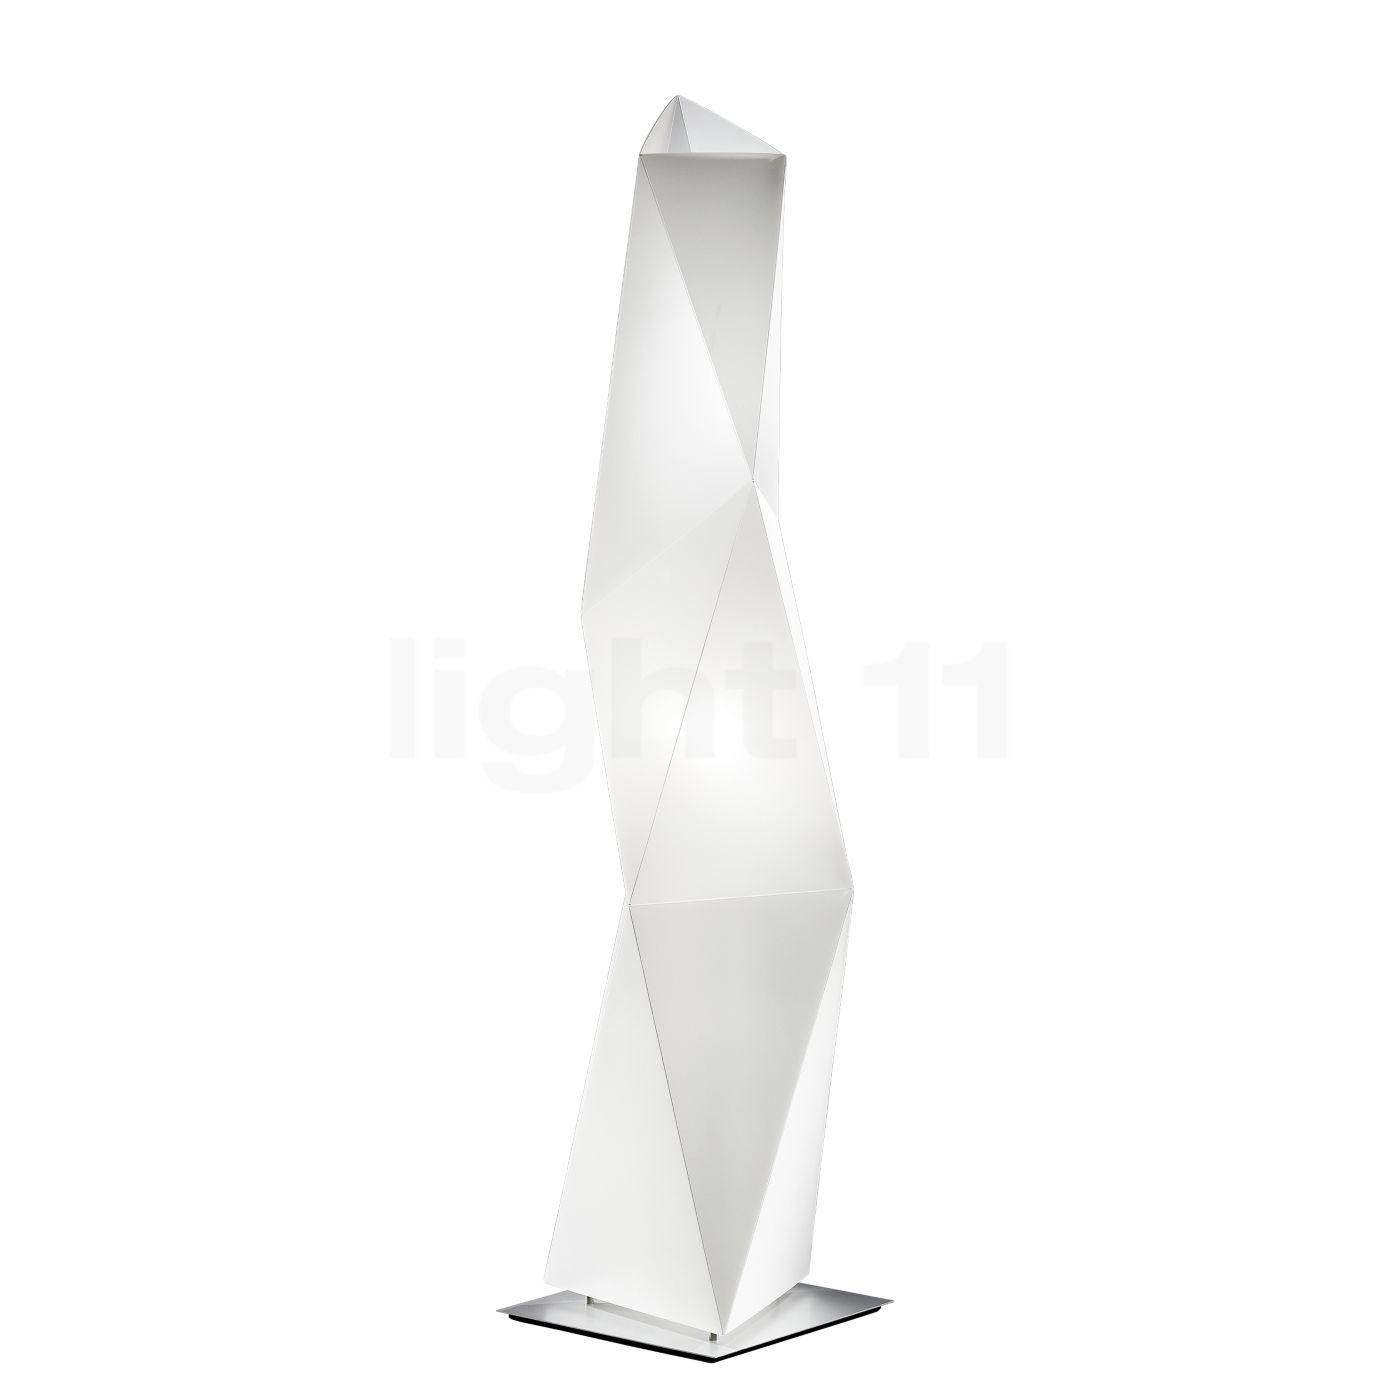 Pied 99 Lampe W Ampoule Halogène Brilliant Sur G9 8knwXO0P